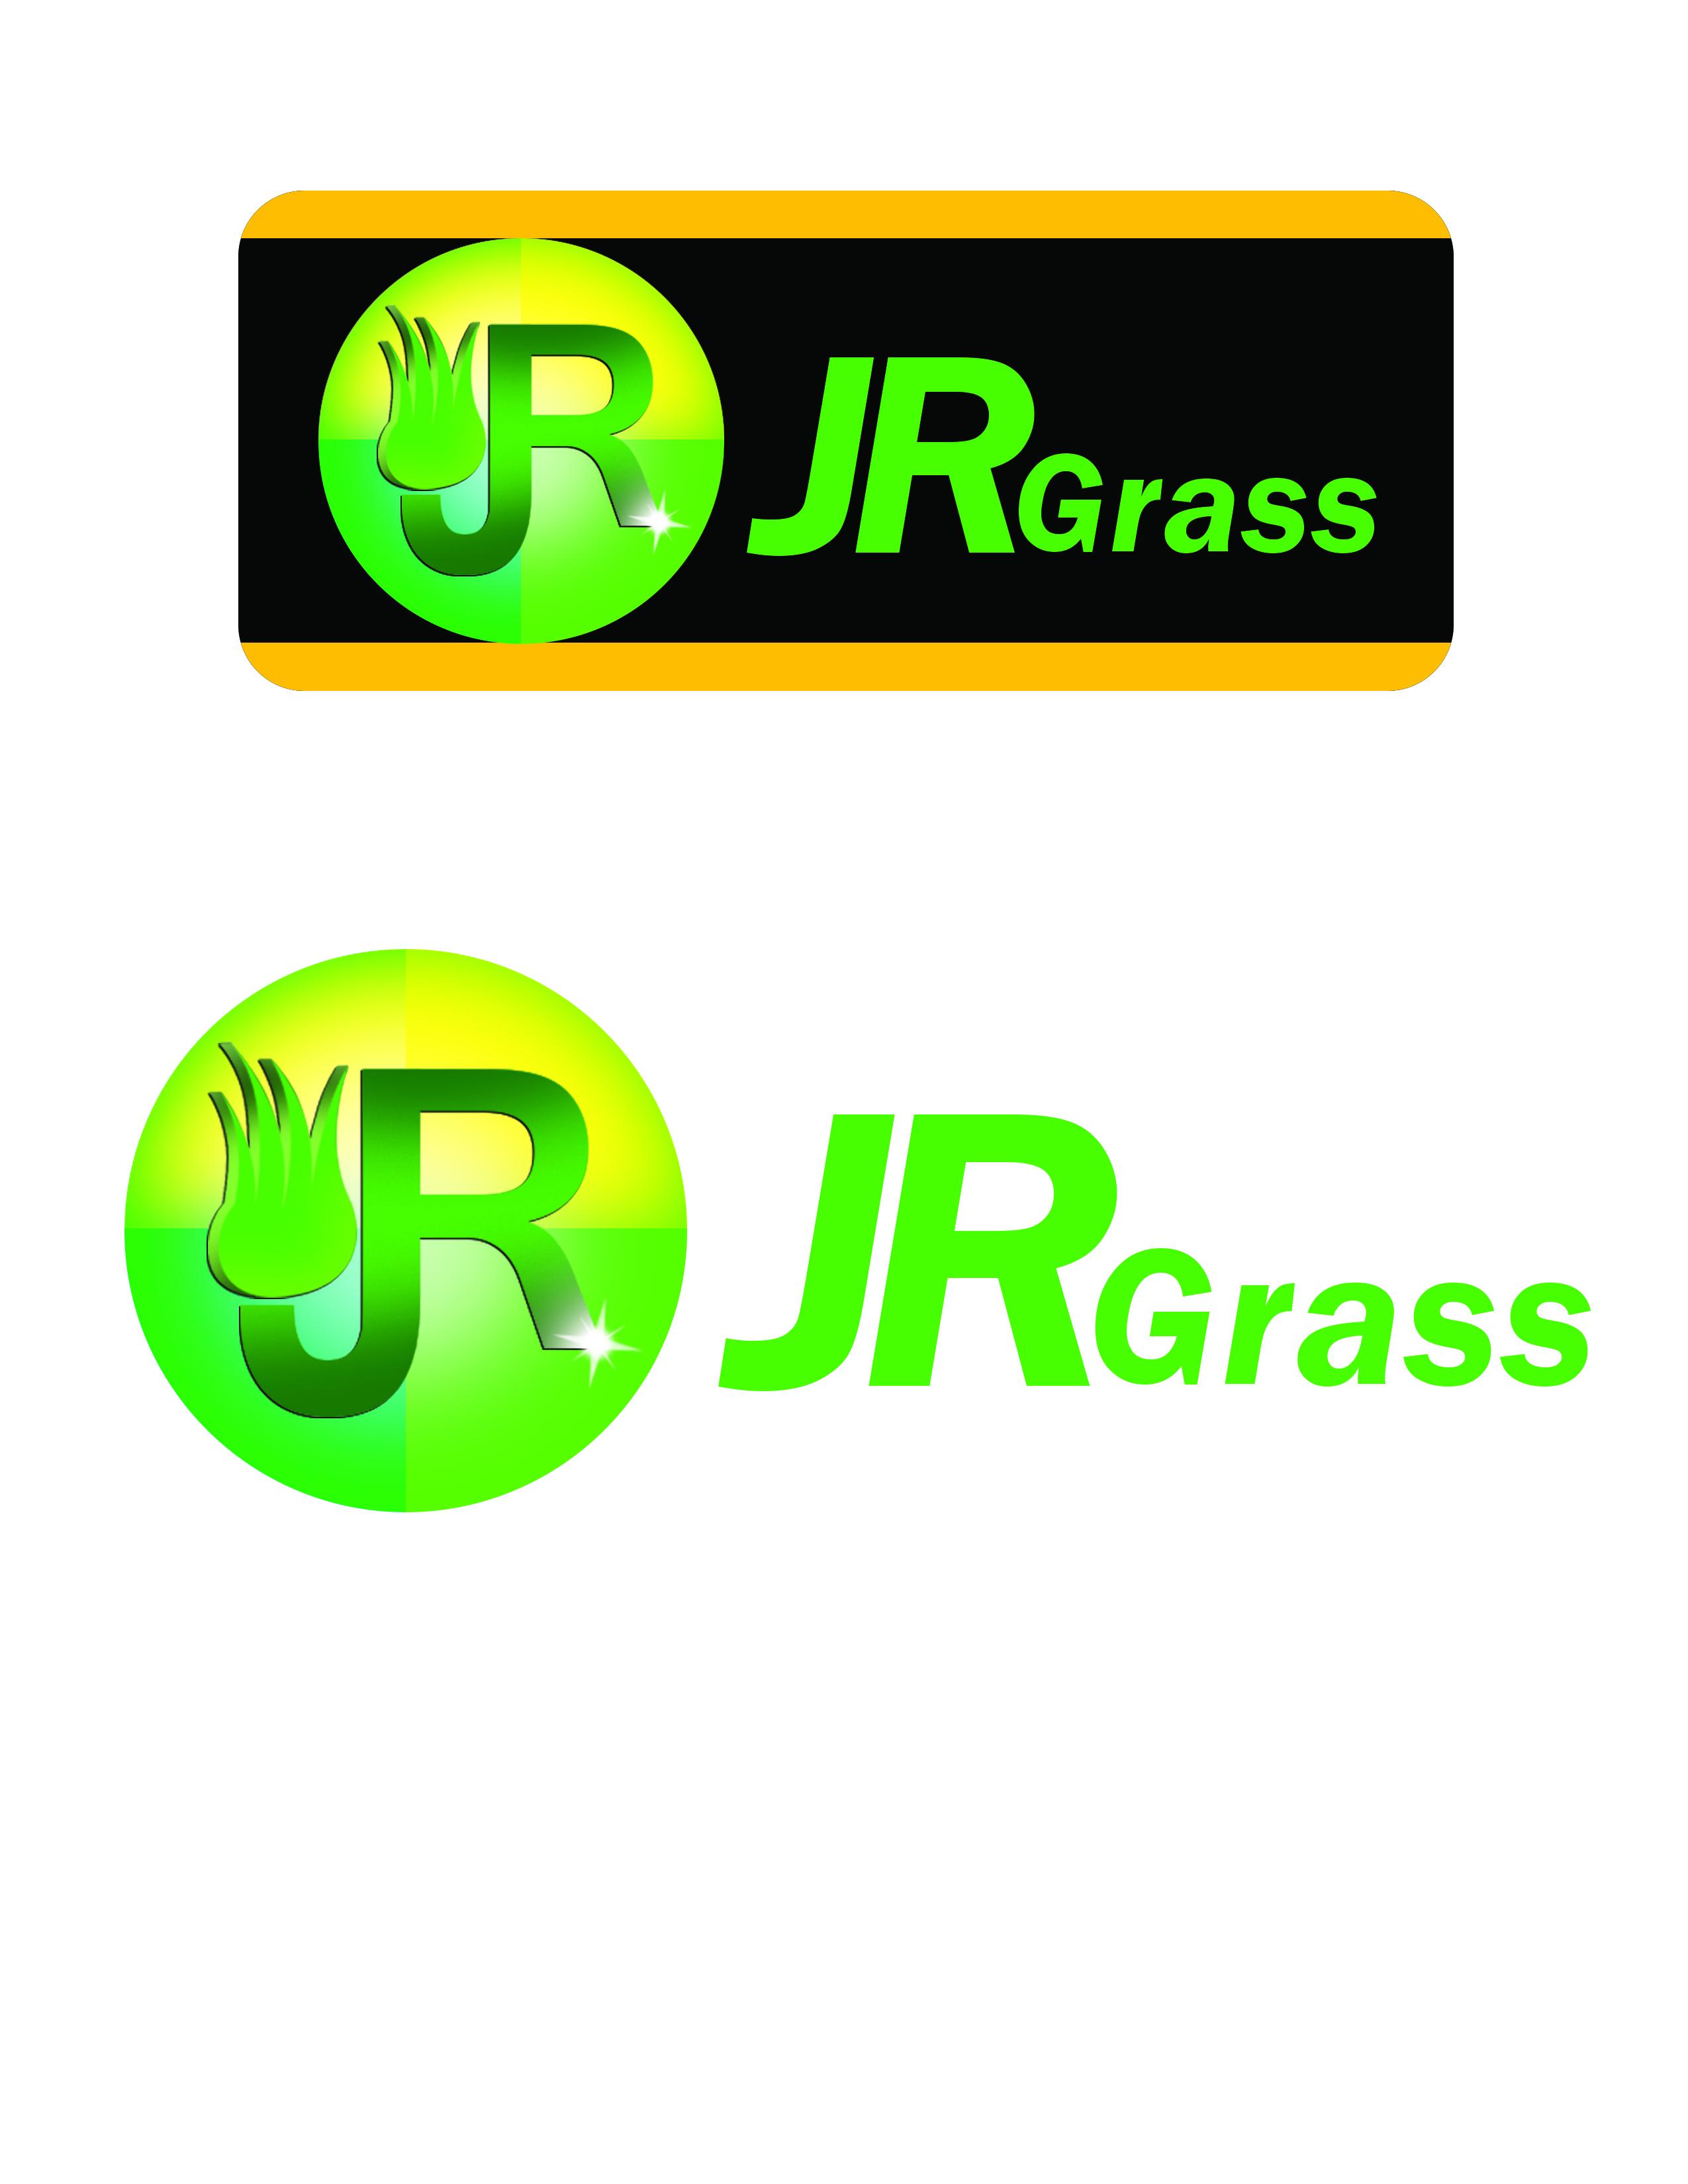 Logo Design by Jo Cres Jao - Entry No. 89 in the Logo Design Contest Inspiring Logo Design for JR Grass.